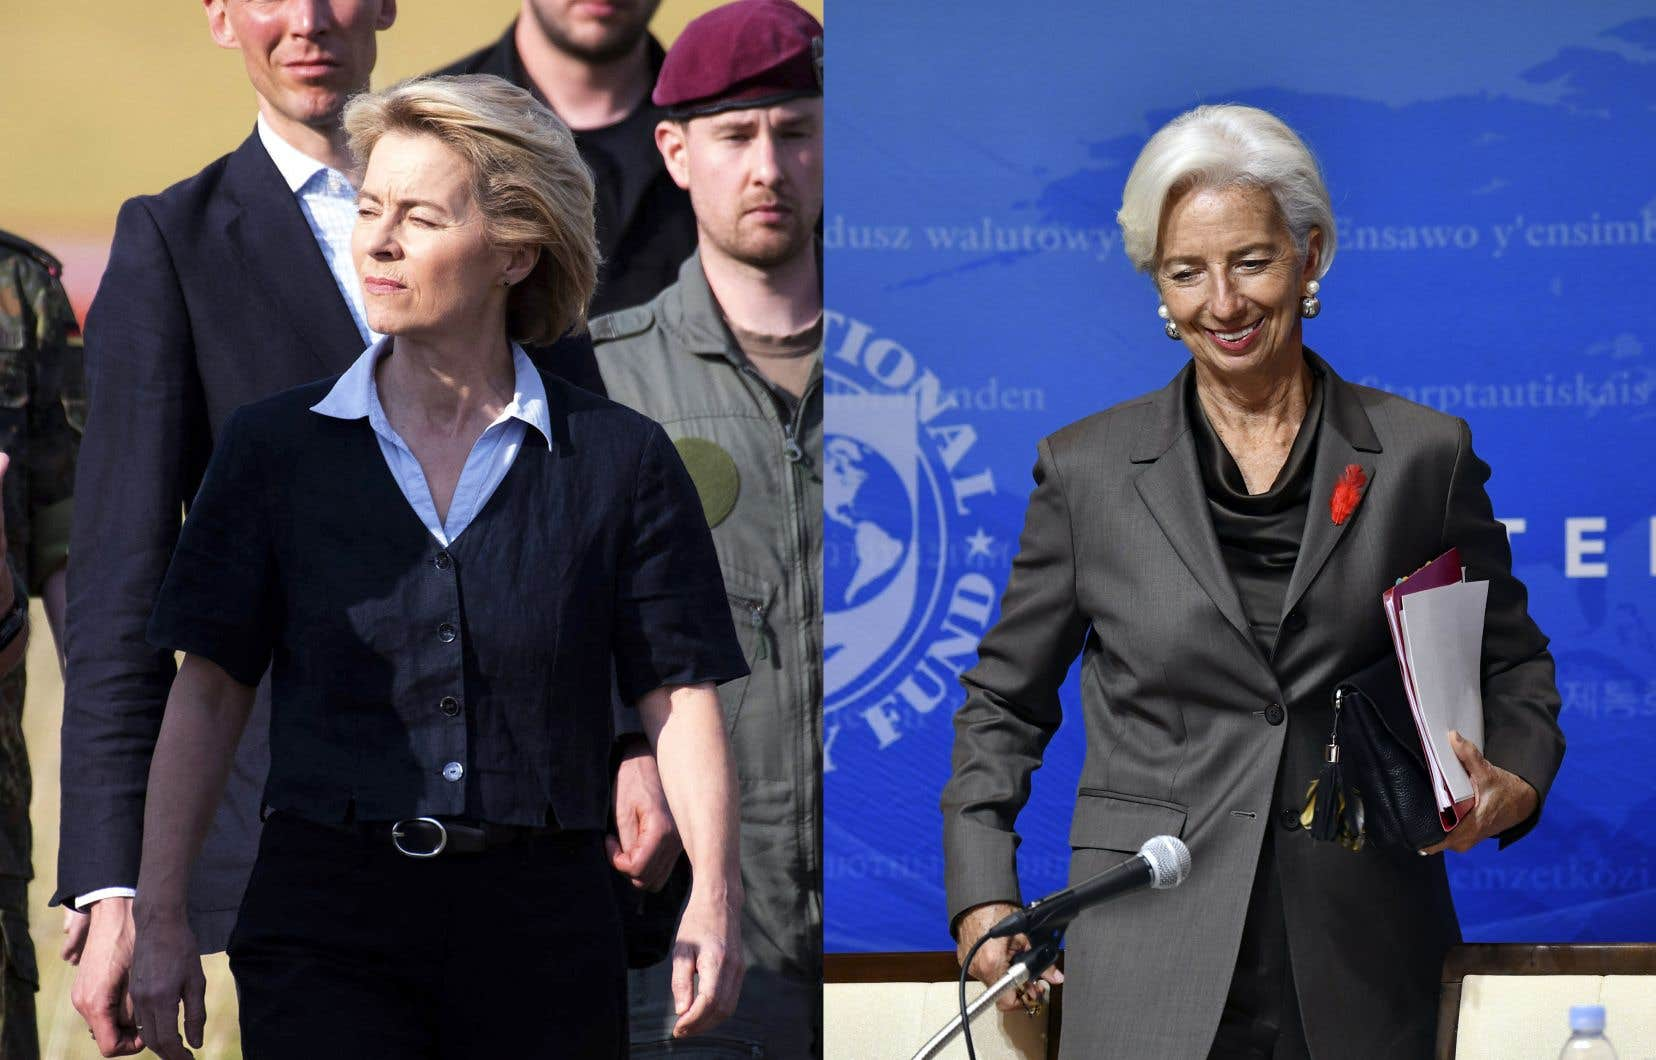 La ministre allemande Ursula von der Leyen sera nommée à la tête de la Commission européenne, alors que la Française Christine Lagarde dirigera la Banque centrale européenne.